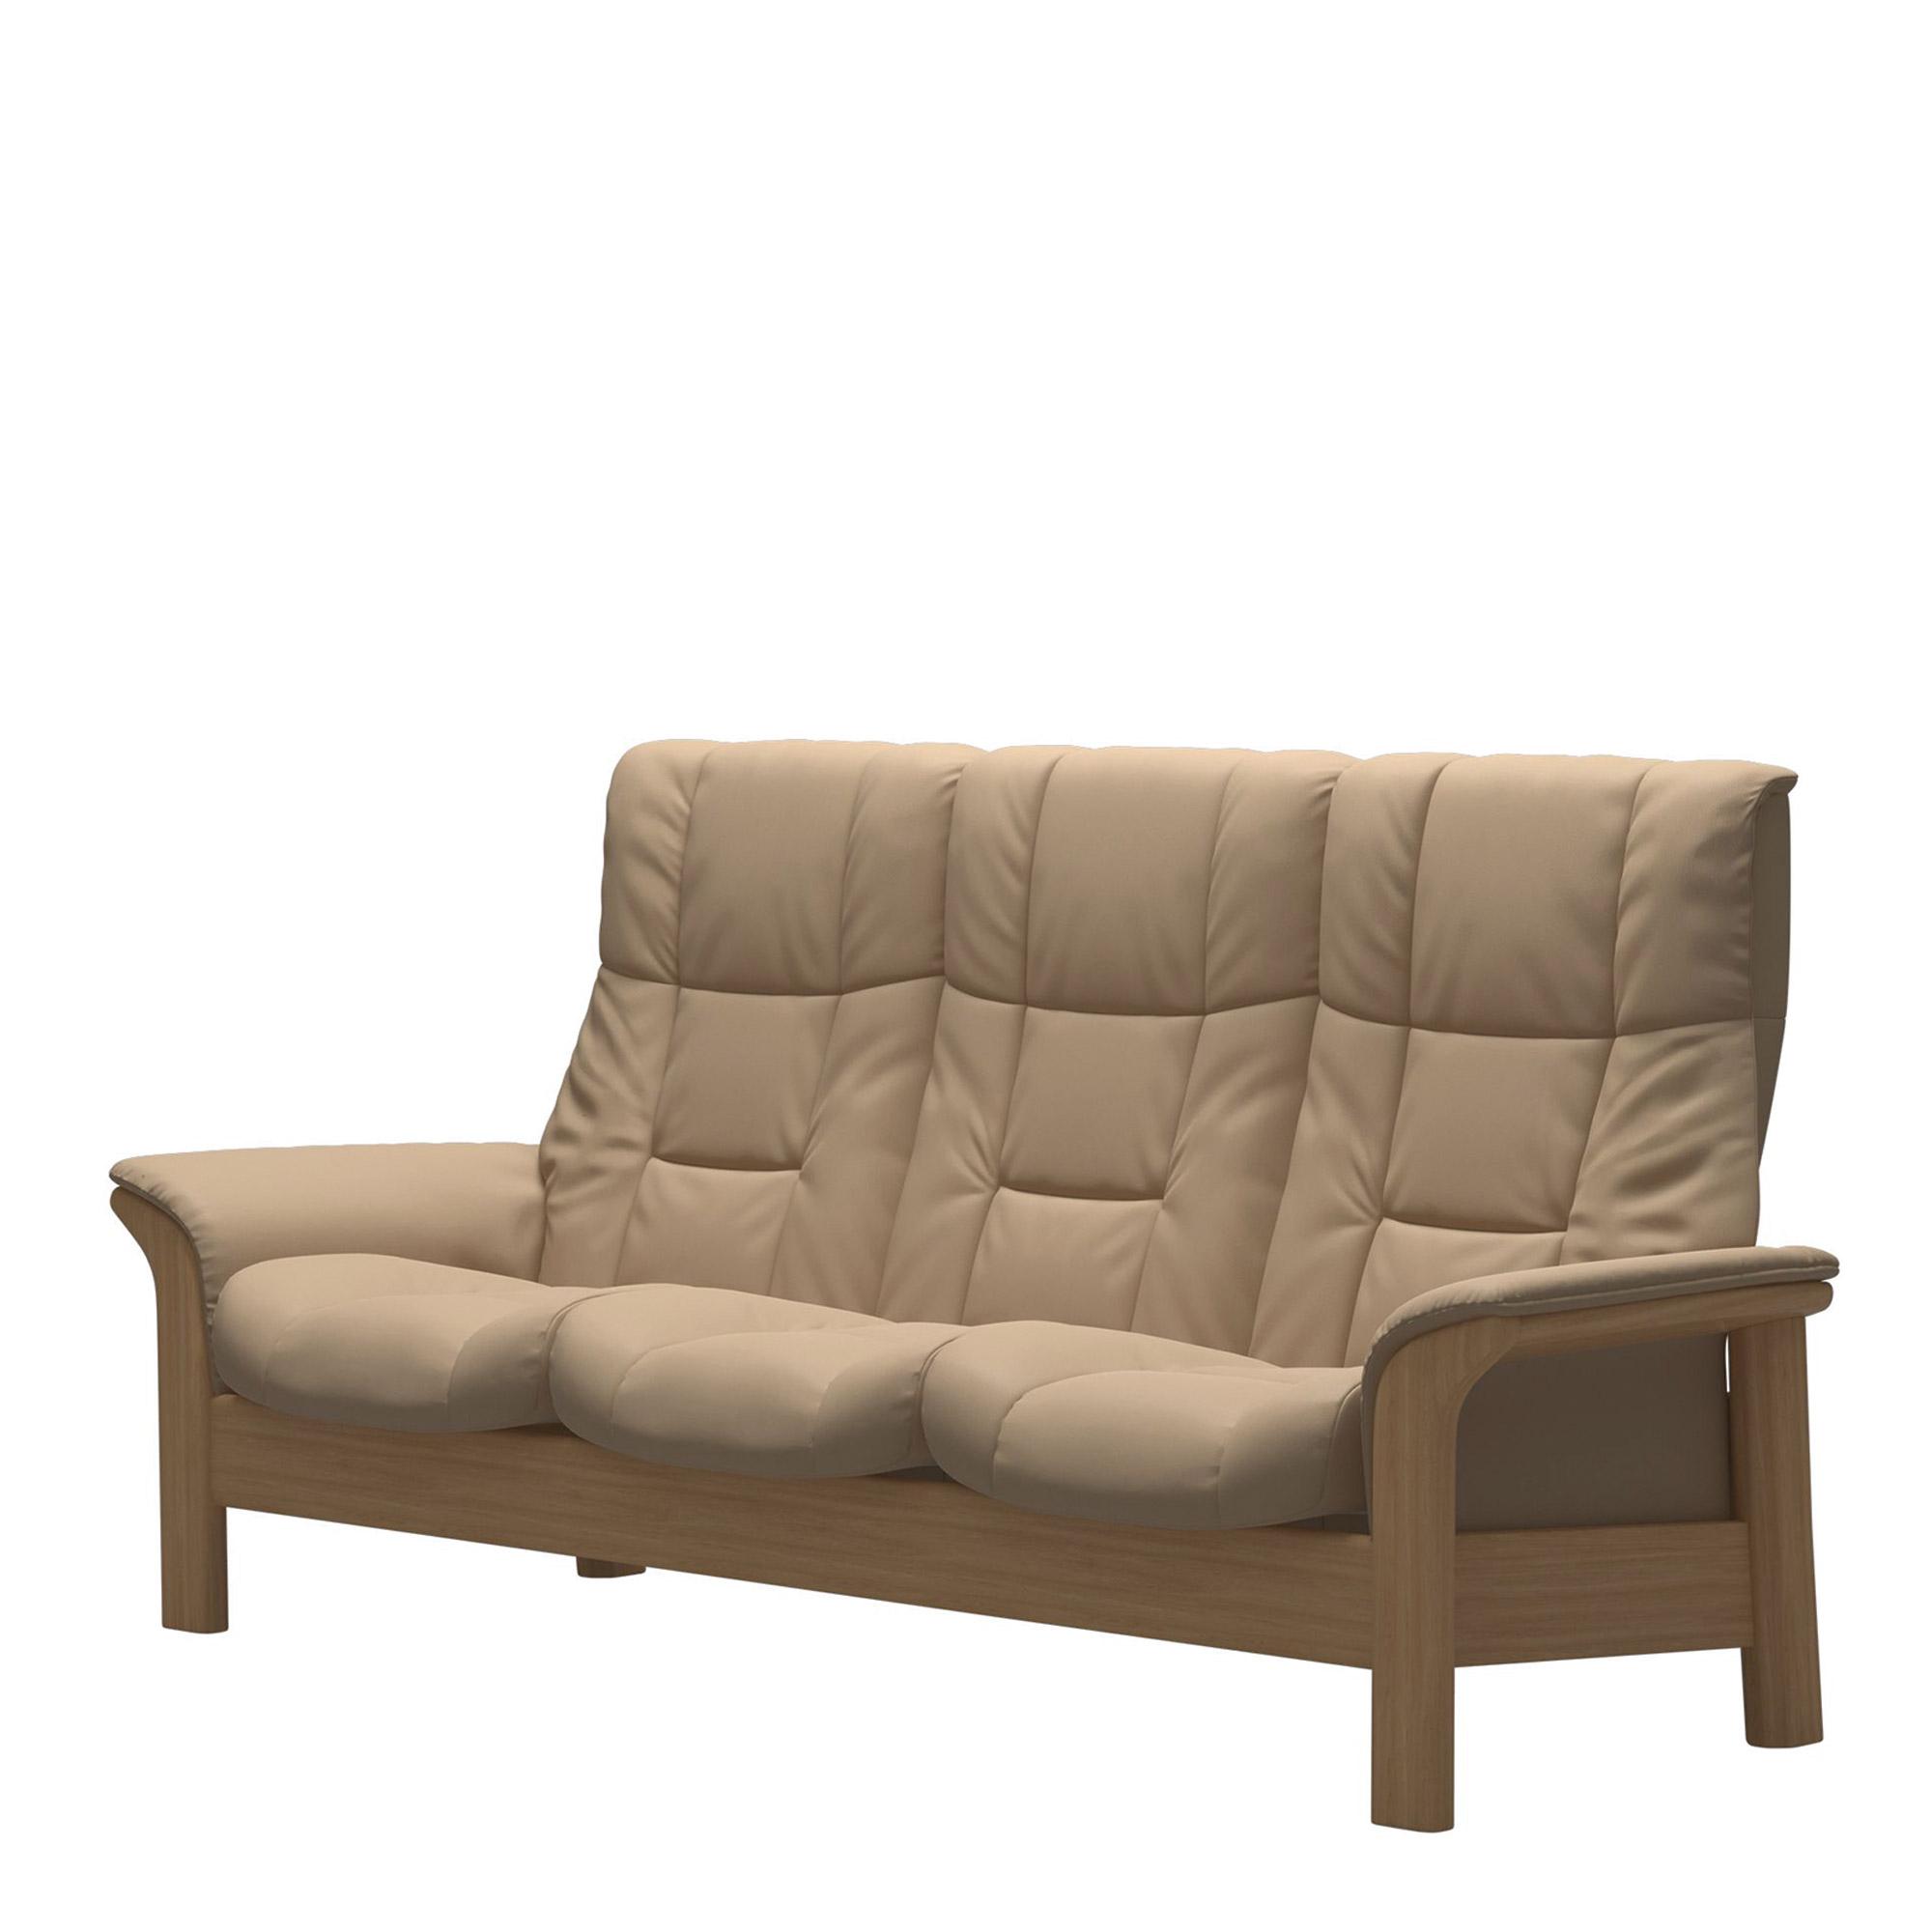 Stressless Sofas Stressless Windsor 3 Seat Sofa High Back All